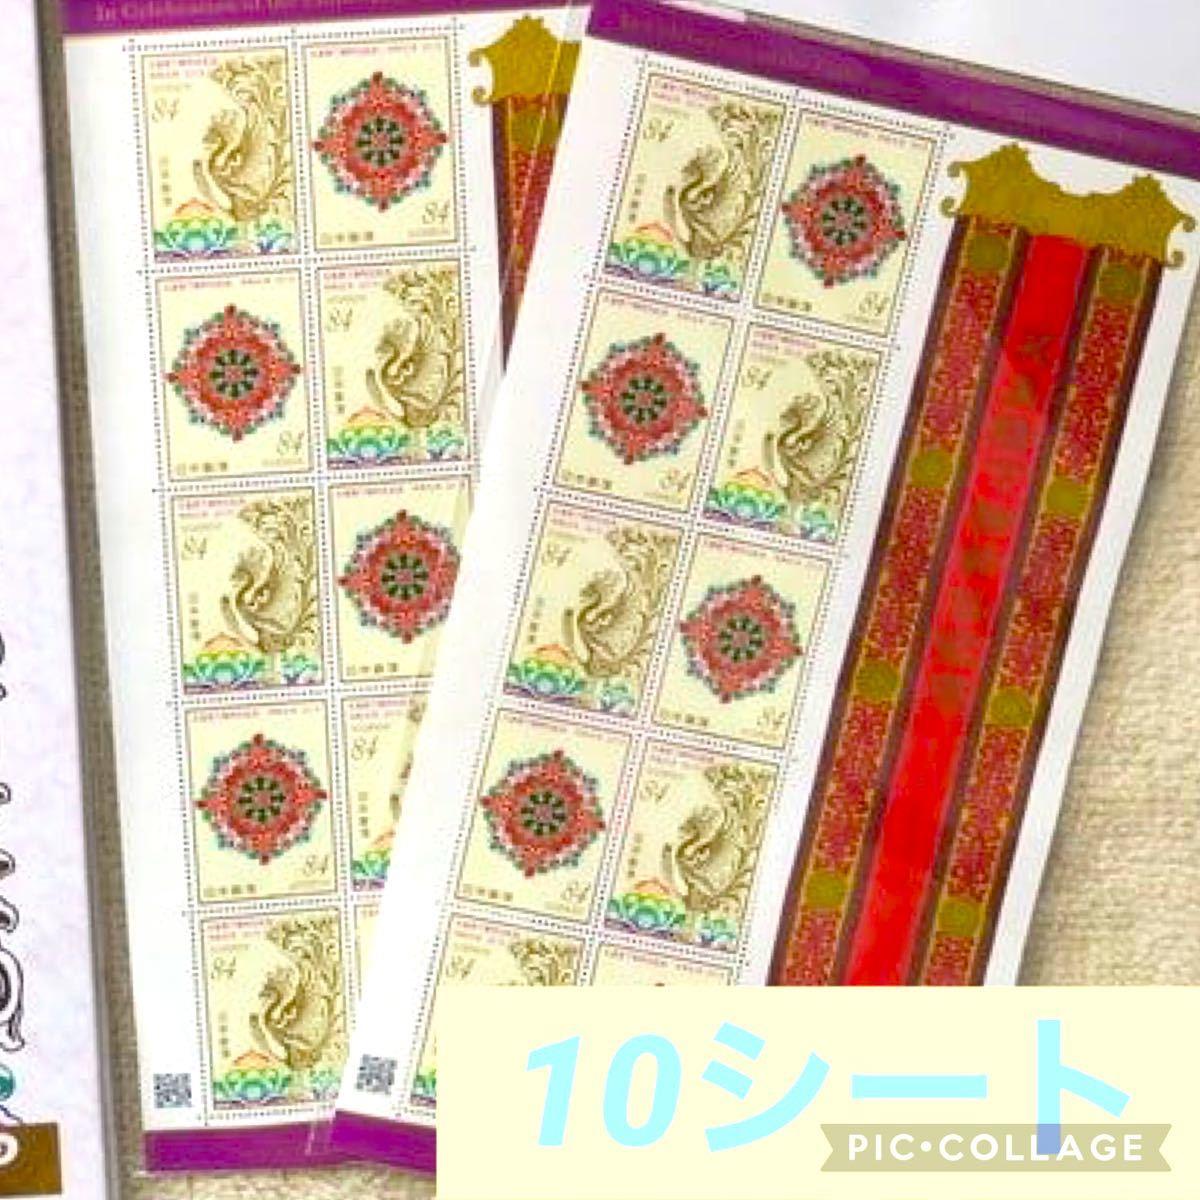 【10シート】 天皇陛下御即位記念切手 84円 切手 10シート まとめて セット 完売 限定 レア 未使用 新品 日本切手